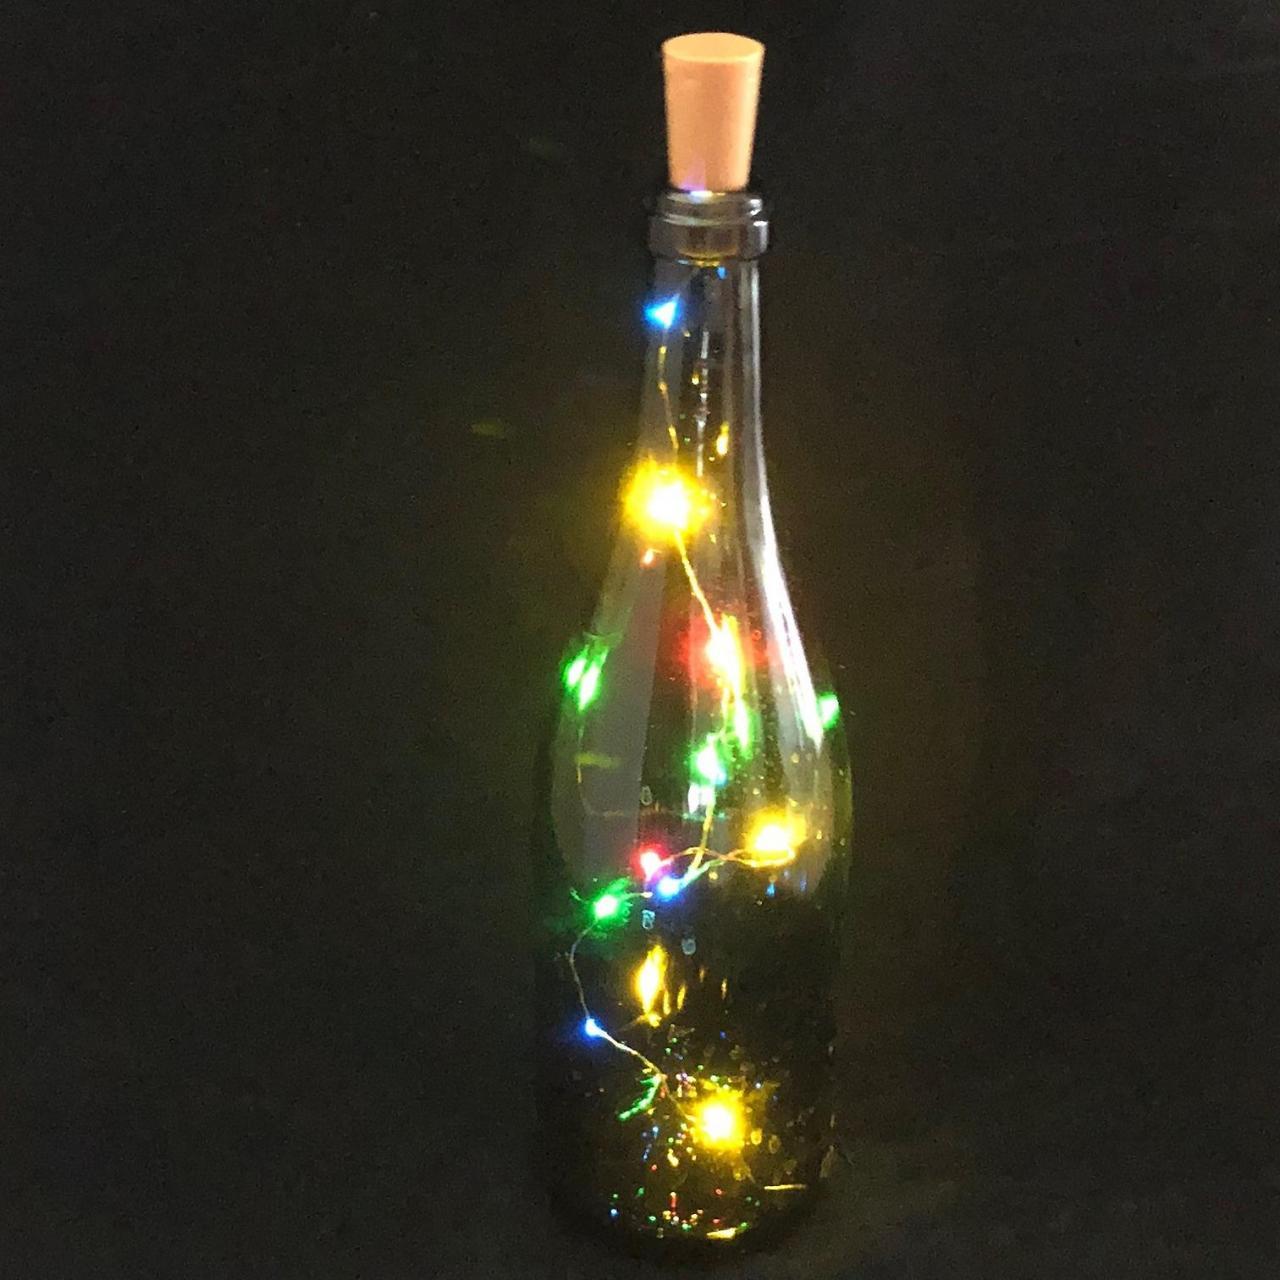 صورة المصباح في زجاجة , تفسير المصباح فى زجاجه